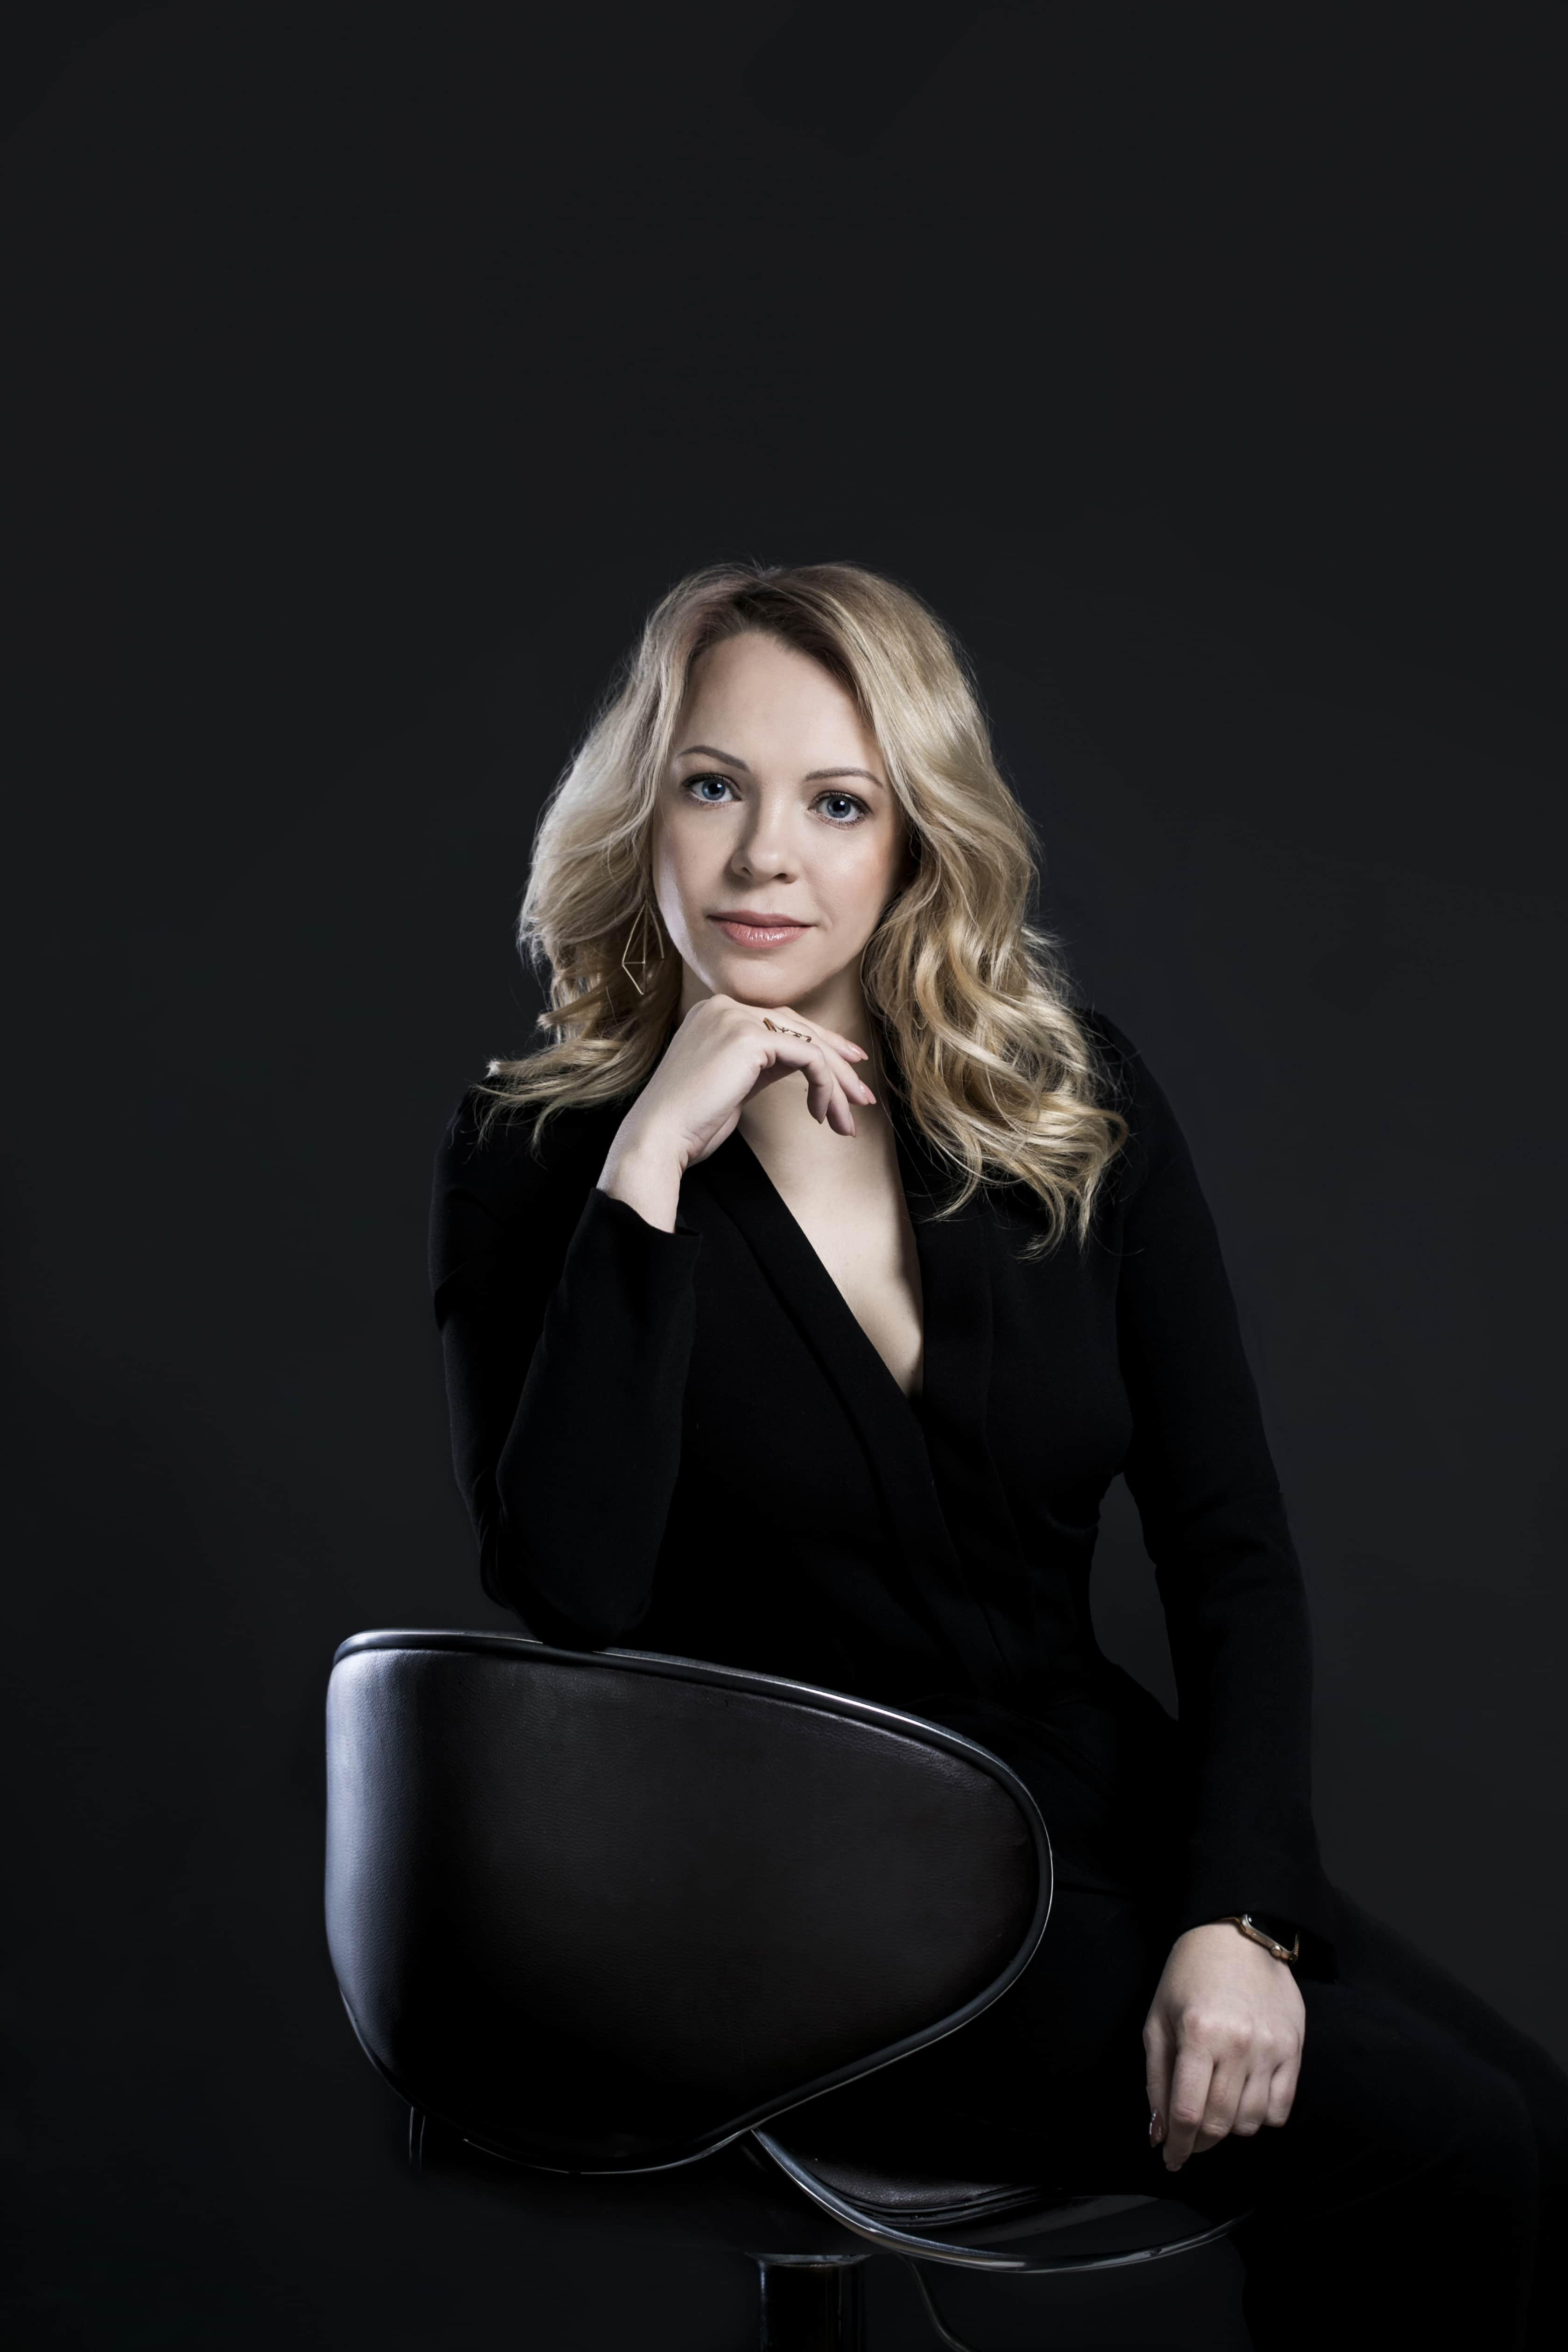 """Надежда Омельченко: """"Женщина, работающая в IT-сфере, еще воспринимается больше как исключение, чем правило""""-Фото 3"""